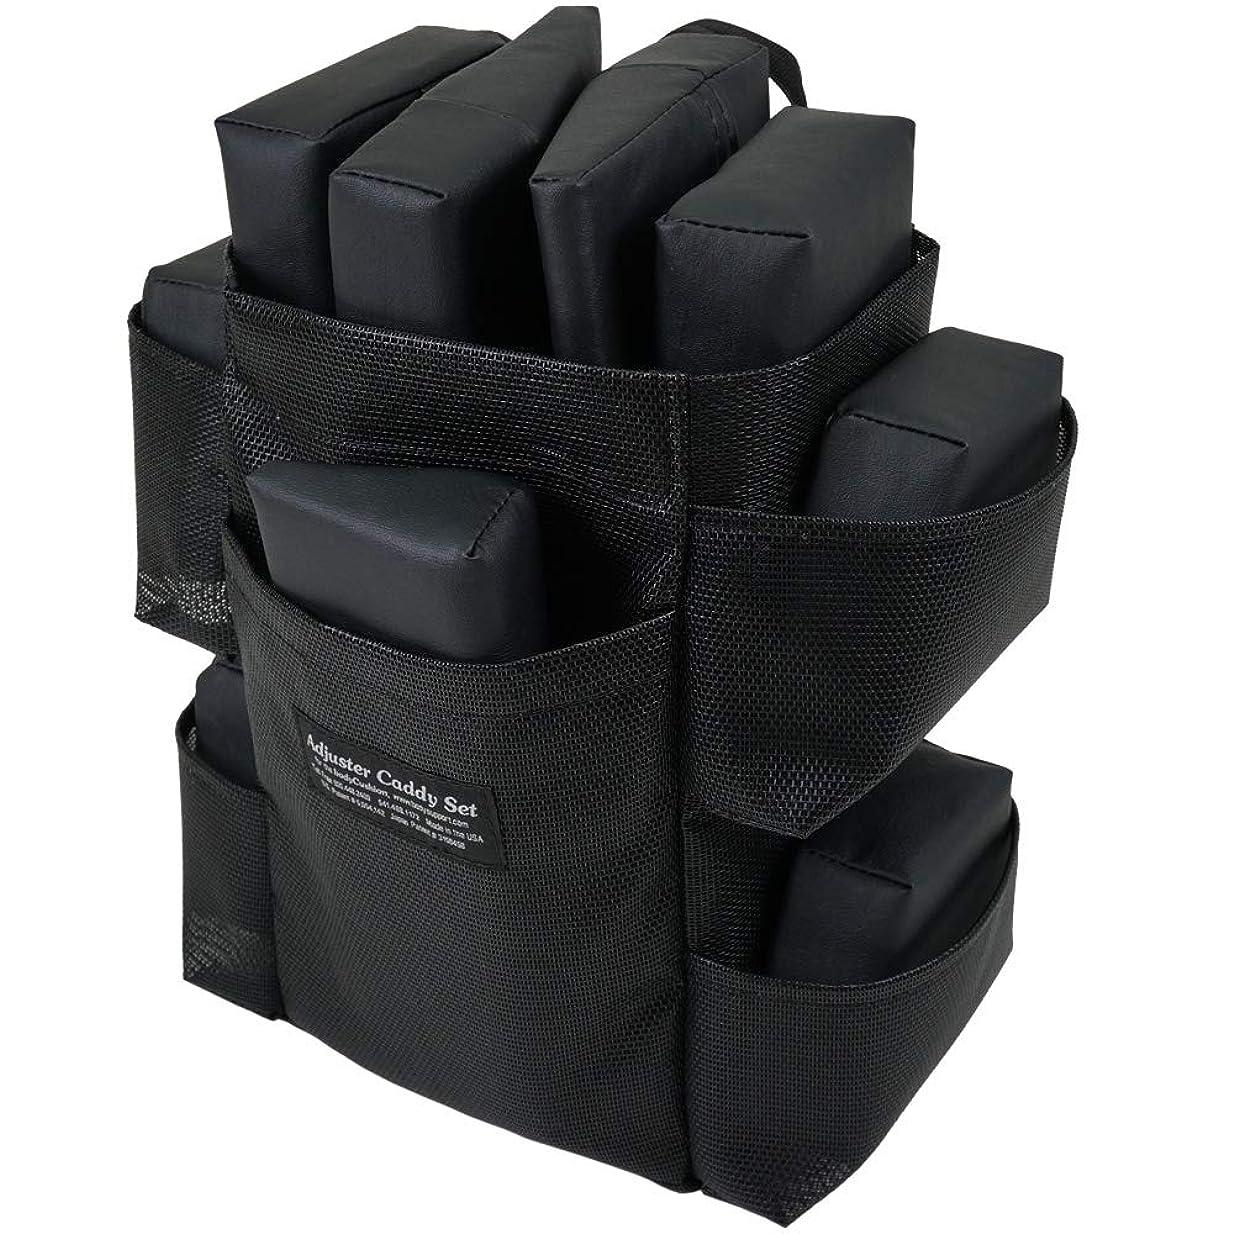 事実上ワンダースプーンピースバッグセット ボディークッション 用 の エクステンダーピース と アジャスターピース バッグ付き